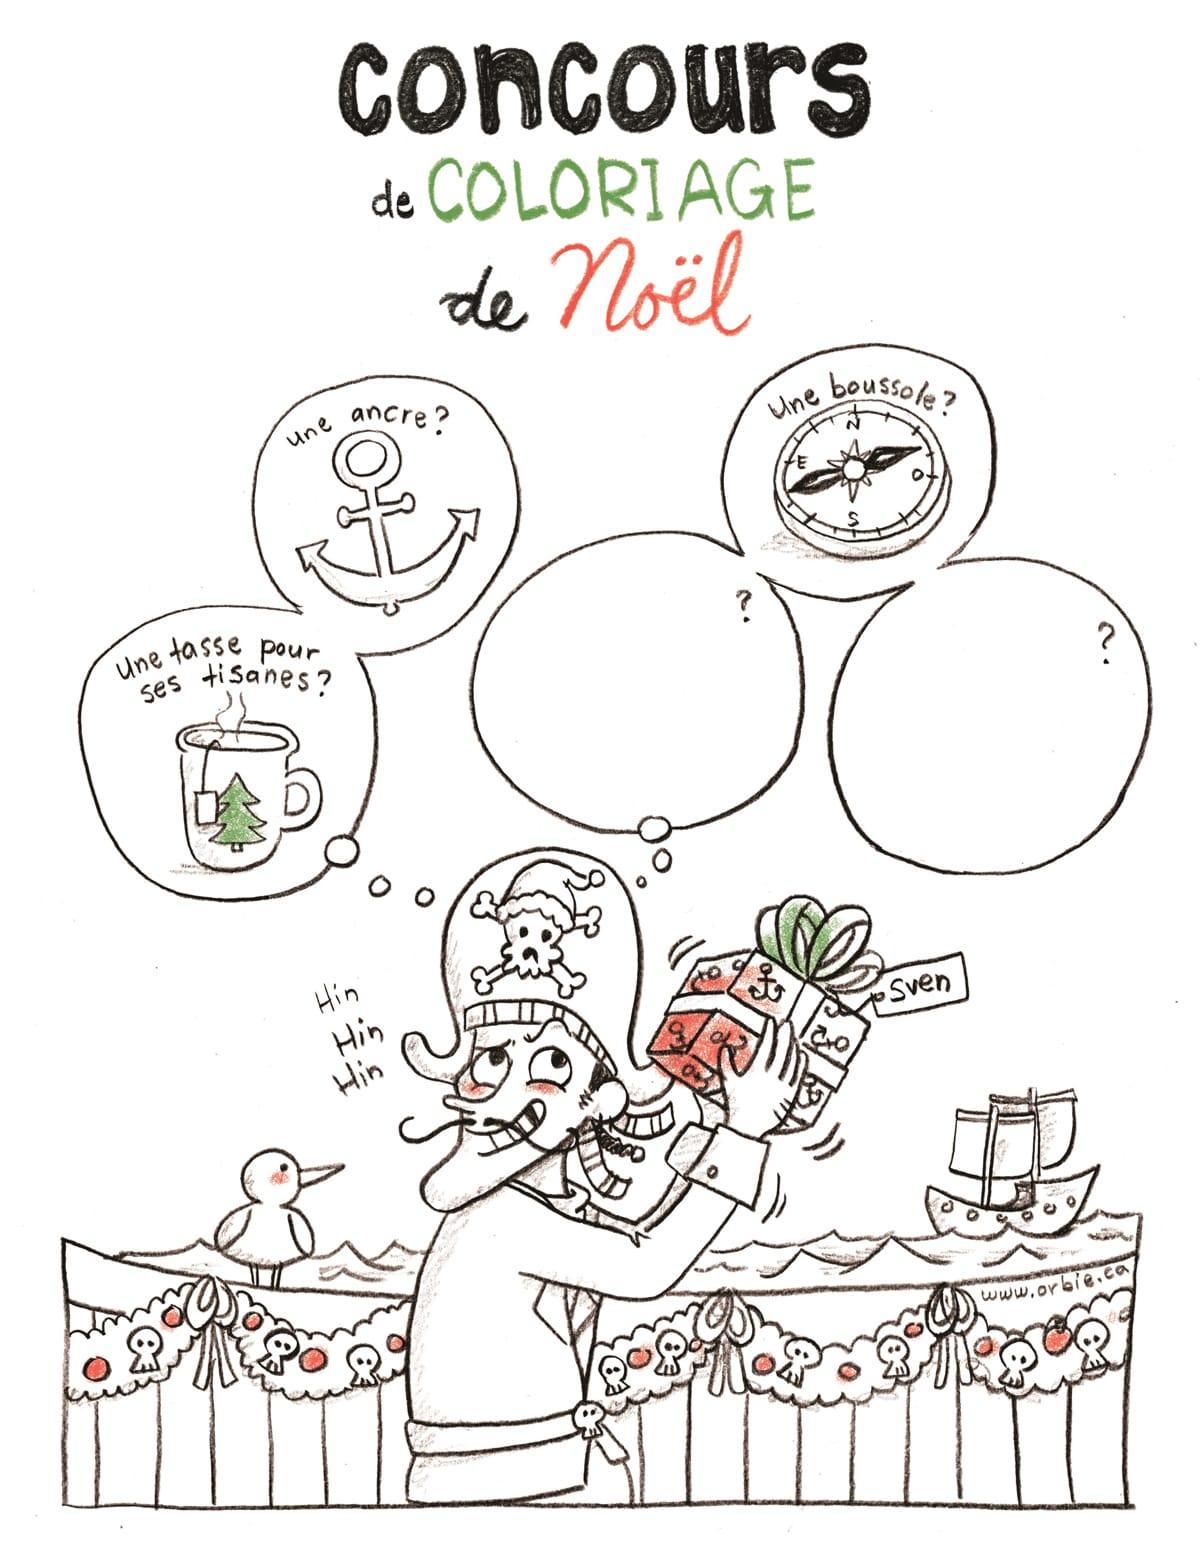 Coloriage Denoel.Concours De Coloriage De Noël Du Réseau Biblio Gîm Réseau